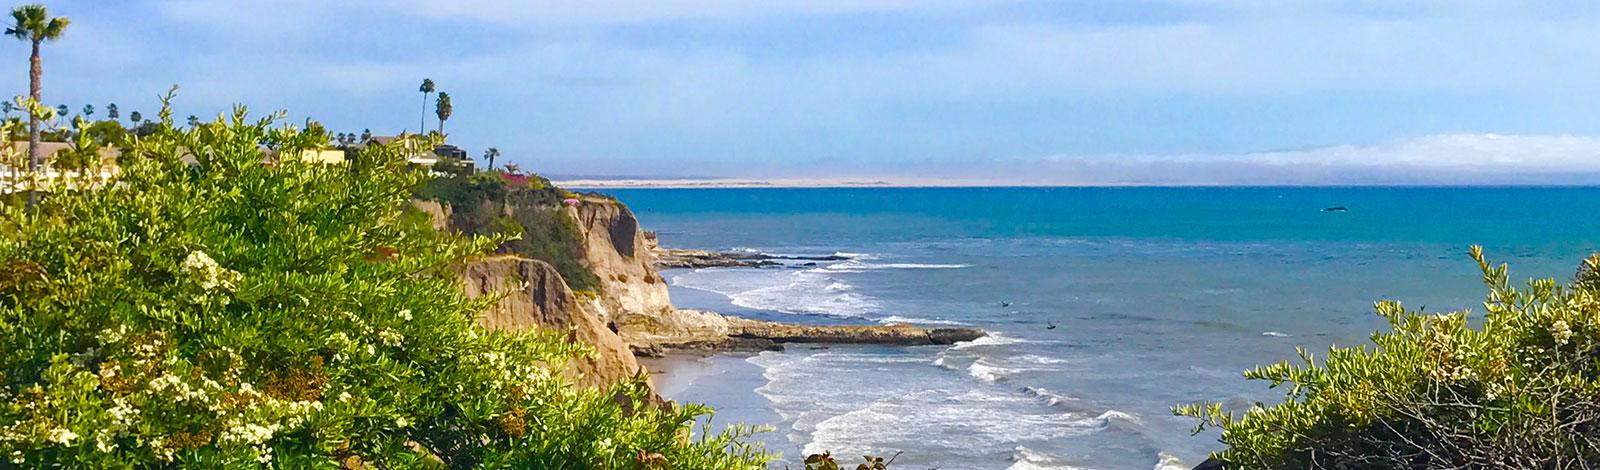 slo beach